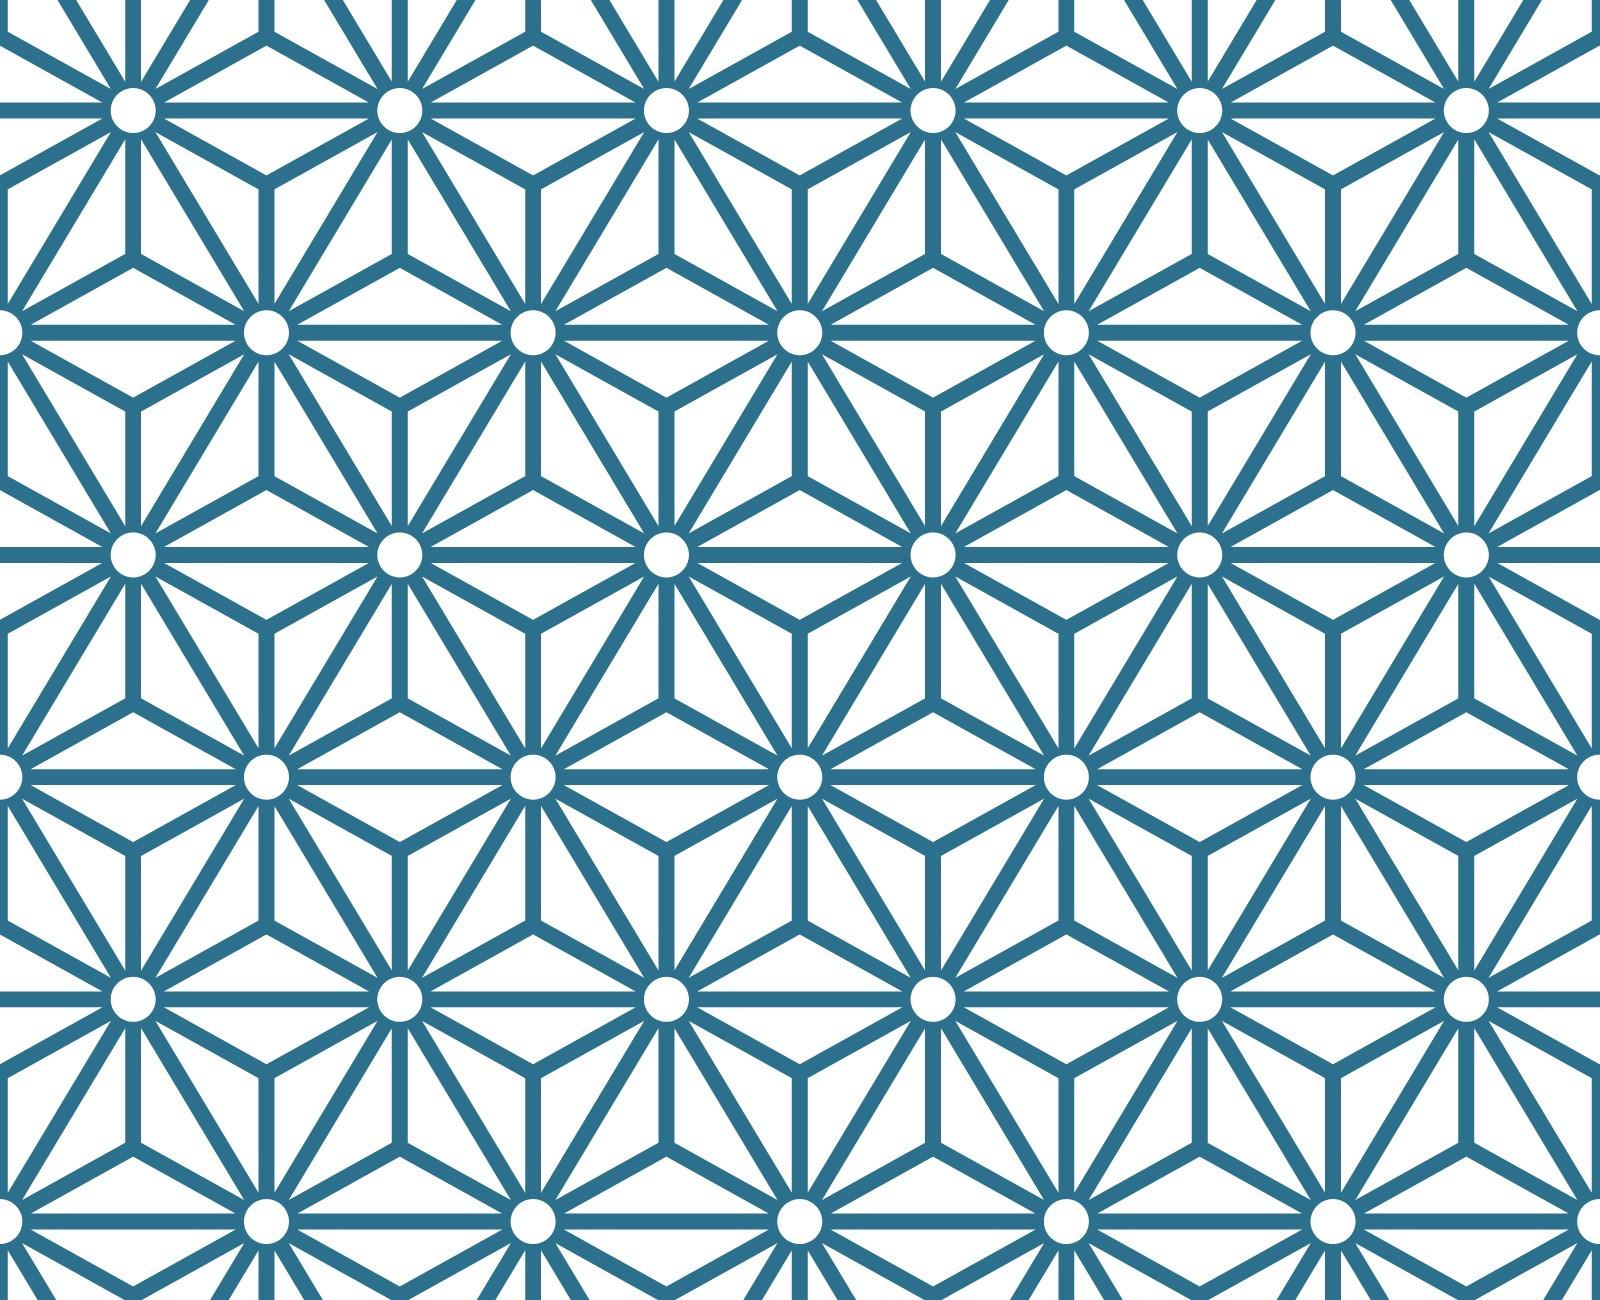 Papier peint adhsif  motifs gomtriques modle Sterling bleu